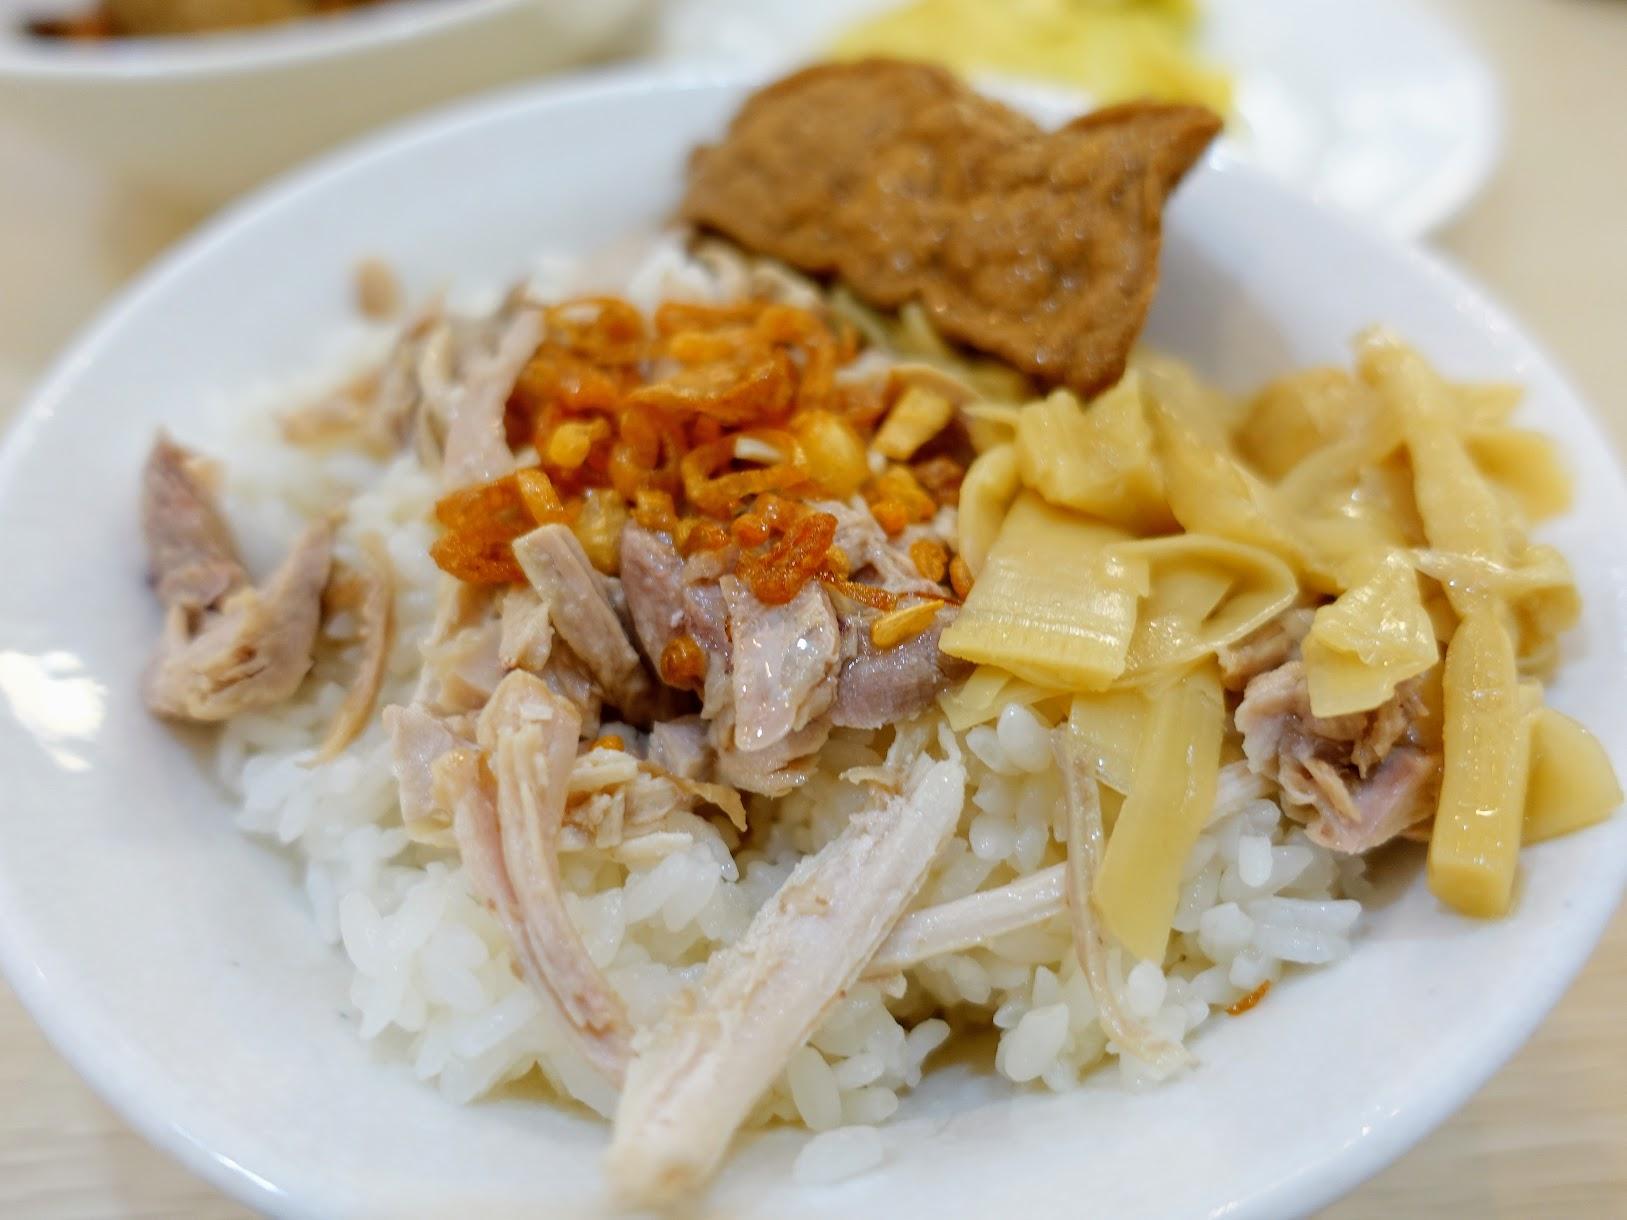 這是雞肉飯,上面有油豆腐/筍乾,雞肉飯上面還有一點油蔥酥,湯汁算多,吃起來還蠻有味道的